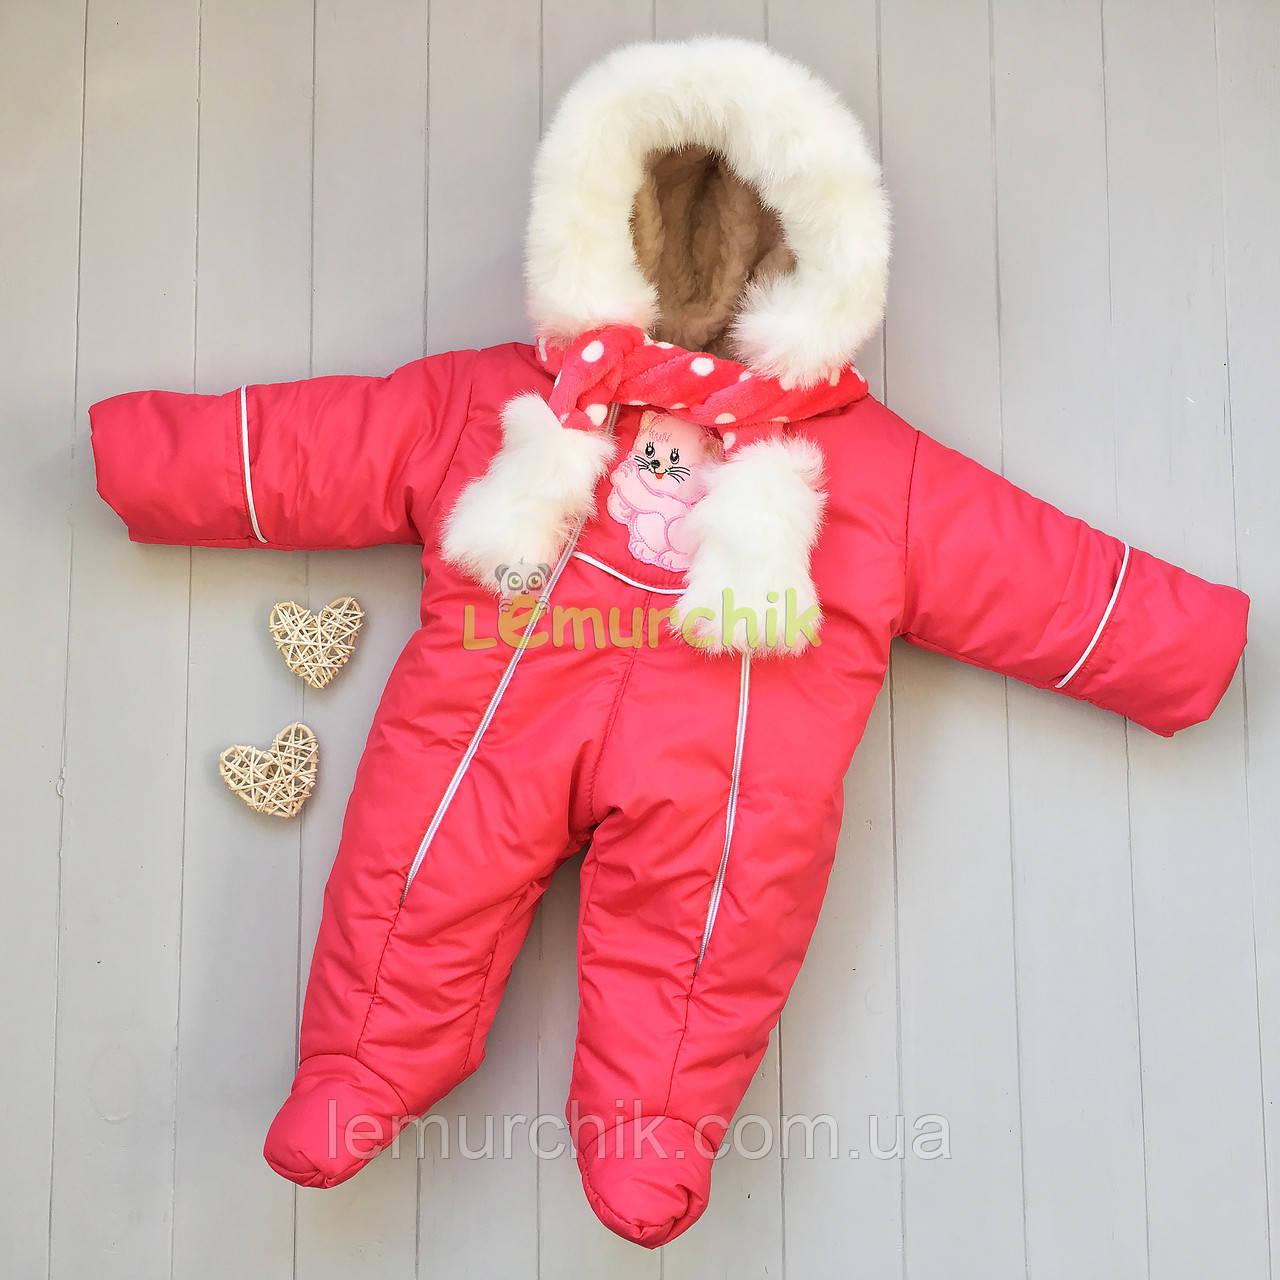 Комбинезон детский теплый на меху с капюшоном алый 0-5 месяцев